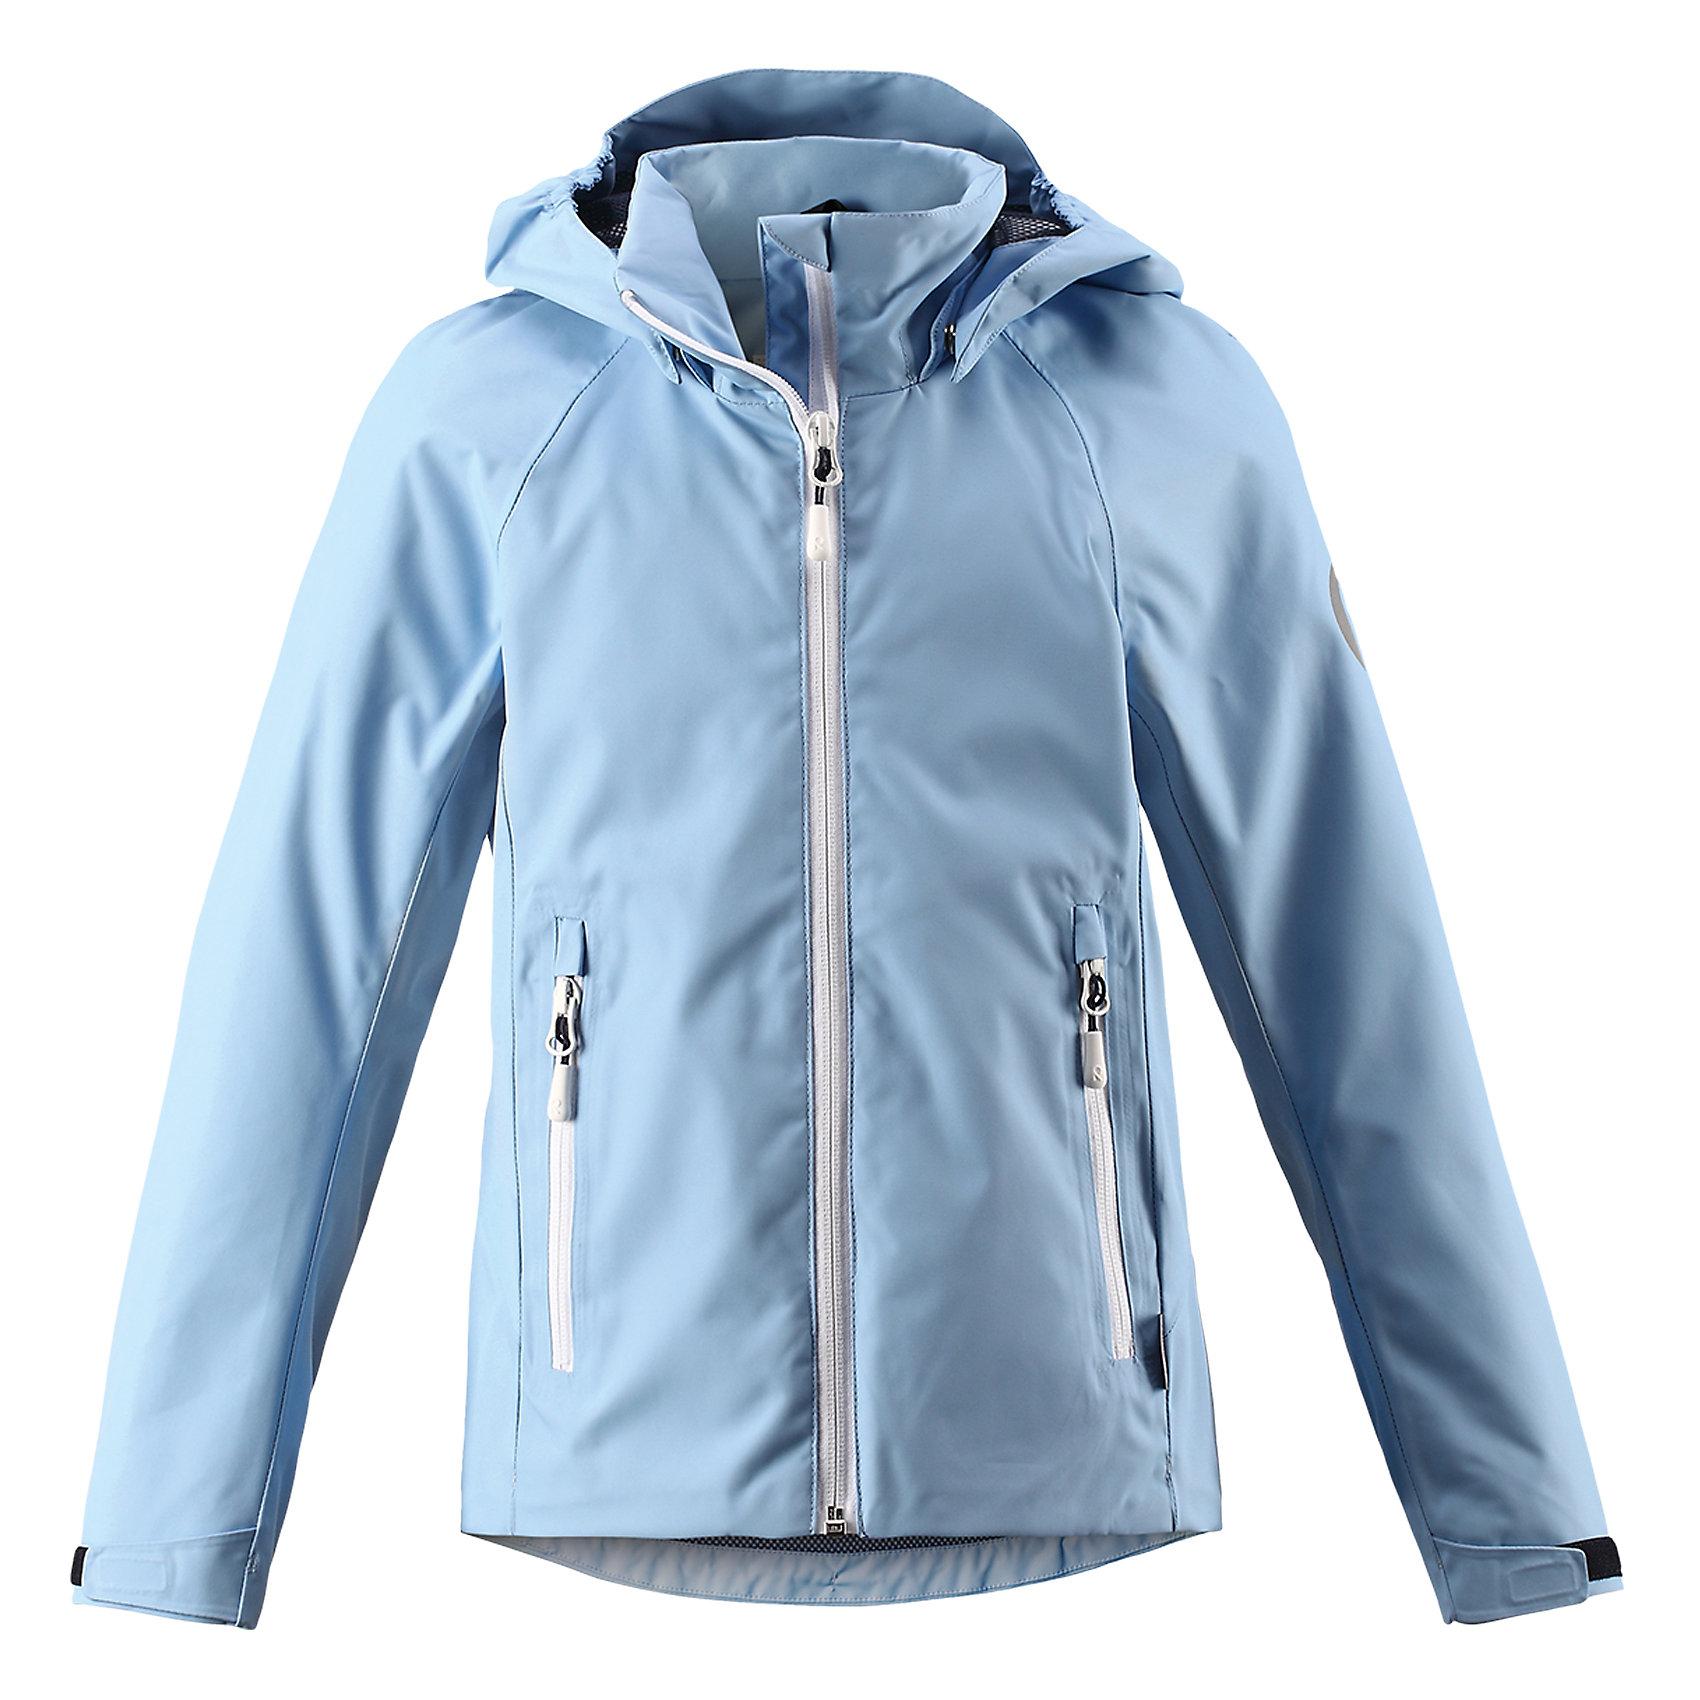 Куртка Suvi для девочки Reimatec® ReimaОдежда<br>Характеристики товара:<br><br>• цвет: голубой<br>• состав: 100% полиэстер, полиуретановое покрытие<br>• температурный режим: от +10°до +20°С<br>• водонепроницаемость: 15000 мм<br>• воздухопроницаемость: 5000 мм<br>• износостойкость: 40000 (тест Мартиндейла)<br>• без утеплителя<br>• подкладка: mesh-сетка<br>• швы проклеены и водонепроницаемы<br>• водо- и ветронепроницаемый «дышащий» материал<br>• регулируемый подол<br>• регулируемые манжеты<br>• безопасный съёмный и регулируемый капюшон<br>• усовершенствованная молния - больше не застрянет!<br>• контрастные цветные застежки-молнии<br>• карманы на молнии<br>• комфортная посадка<br>• страна производства: Китай<br>• страна бренда: Финляндия<br>• коллекция: весна-лето 2017<br><br>Верхняя одежда для детей может быть модной и комфортной одновременно! Демисезонная куртка поможет обеспечить ребенку комфорт и тепло. Она отлично смотрится с различной одеждой и обувью. Изделие удобно сидит и модно выглядит. Материал - прочный, хорошо подходящий для межсезонья. Стильный дизайн разрабатывался специально для детей.<br><br>Одежда и обувь от финского бренда Reima пользуется популярностью во многих странах. Эти изделия стильные, качественные и удобные. Для производства продукции используются только безопасные, проверенные материалы и фурнитура. Порадуйте ребенка модными и красивыми вещами от Reima! <br><br>Куртку для девочки Reimatec® от финского бренда Reima (Рейма) можно купить в нашем интернет-магазине.<br><br>Ширина мм: 356<br>Глубина мм: 10<br>Высота мм: 245<br>Вес г: 519<br>Цвет: синий<br>Возраст от месяцев: 48<br>Возраст до месяцев: 60<br>Пол: Женский<br>Возраст: Детский<br>Размер: 116,122,134,140,146,164,158,128,104,110,152<br>SKU: 5267676